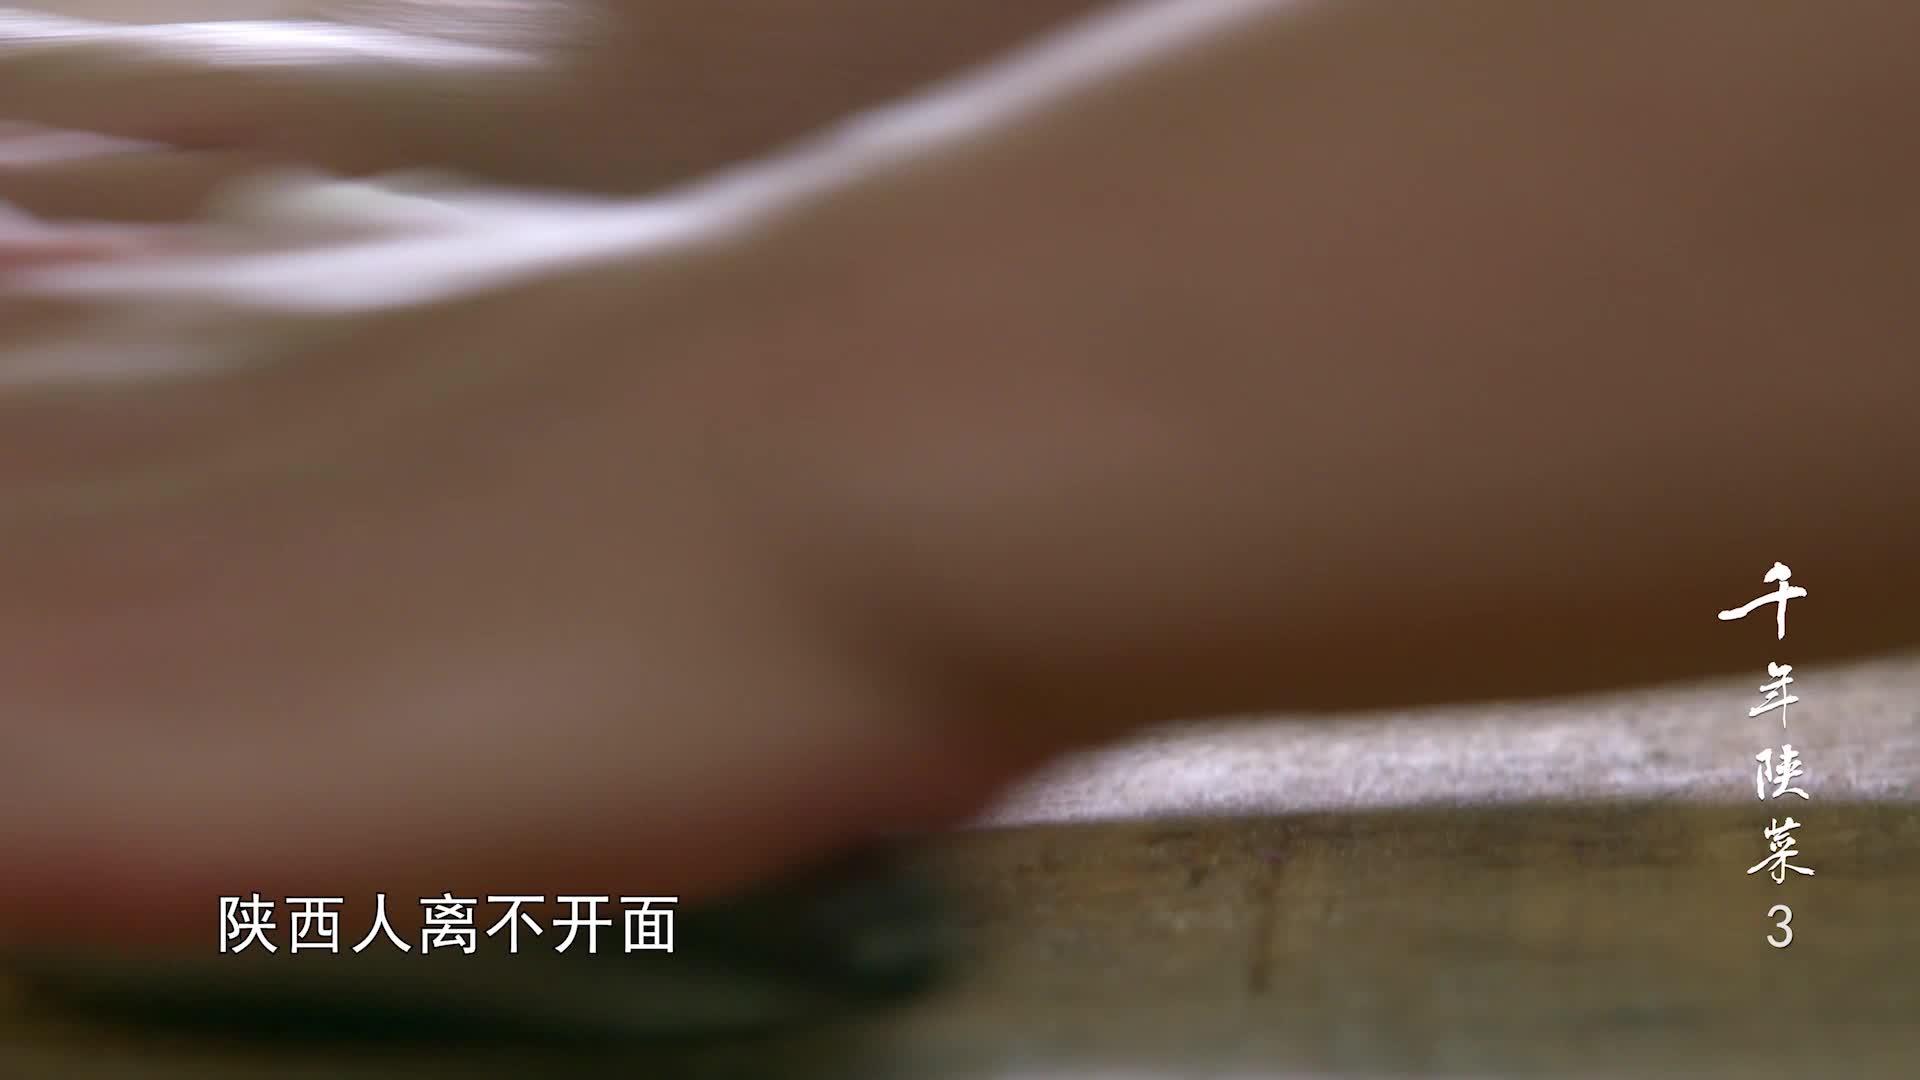 《千年陕菜》第三集预告片